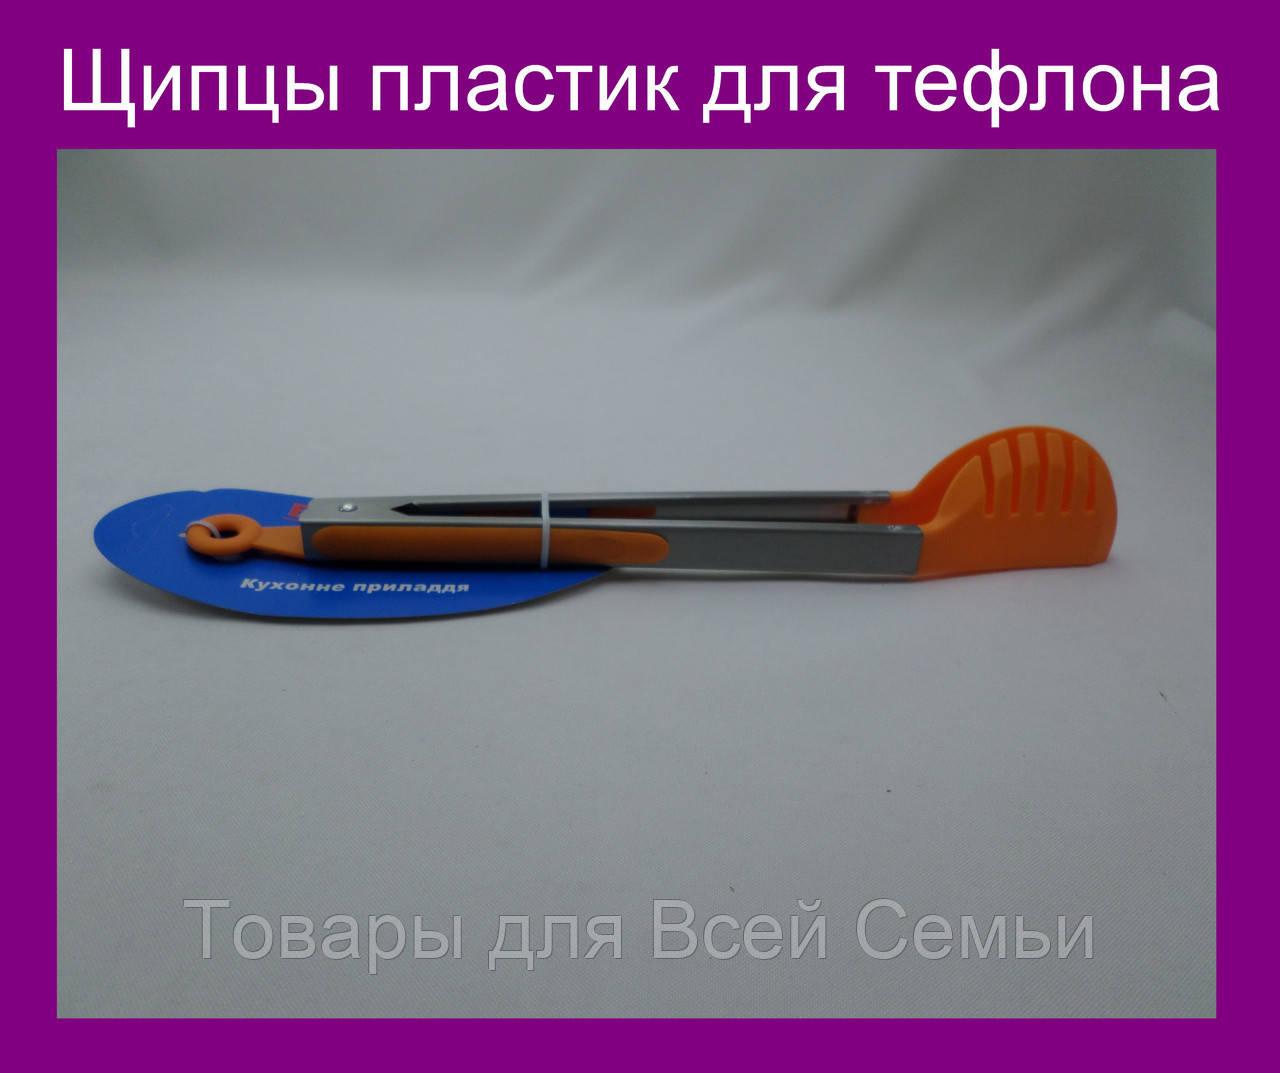 """Щипцы пластик для тефлона!Опт - Магазин """"Товары для Всей Семьи"""" в Одессе"""